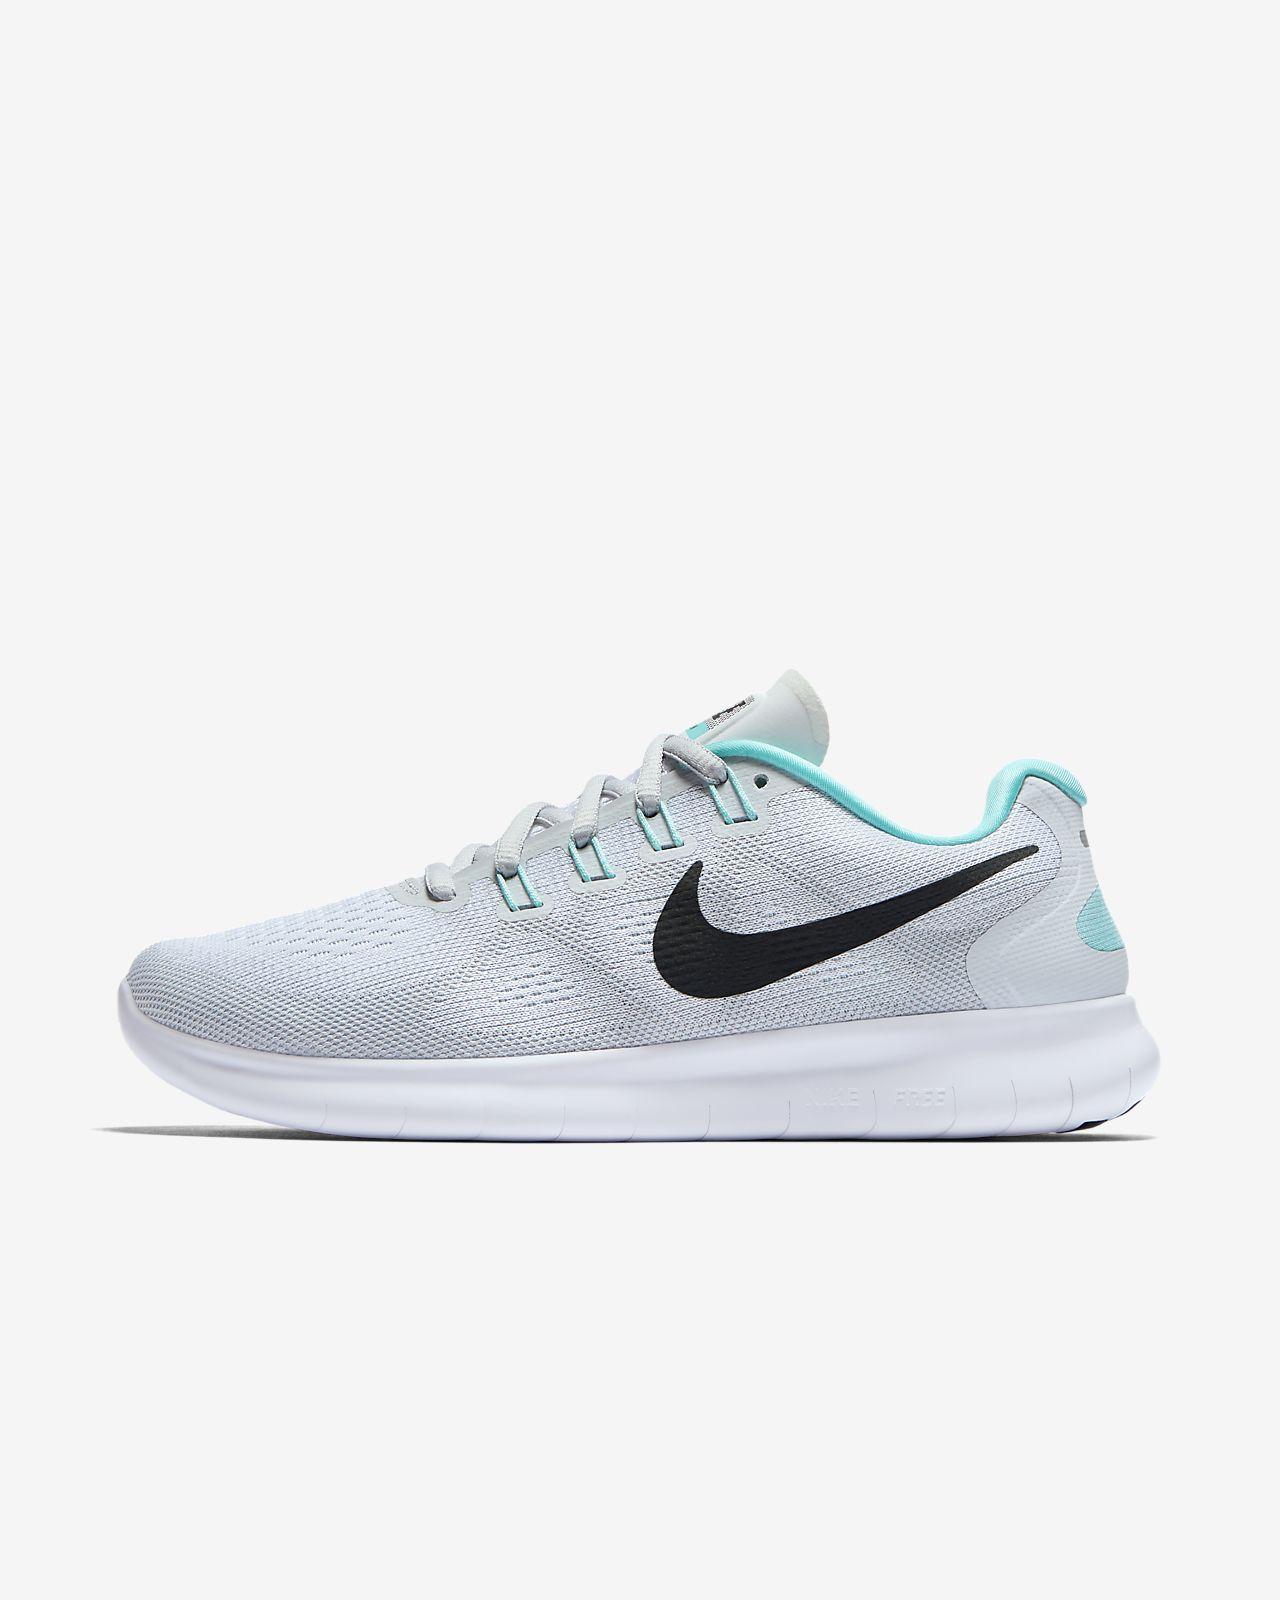 Nike Free Run Kadınlar Koşu Ayakkabı Beyaz Sipariş